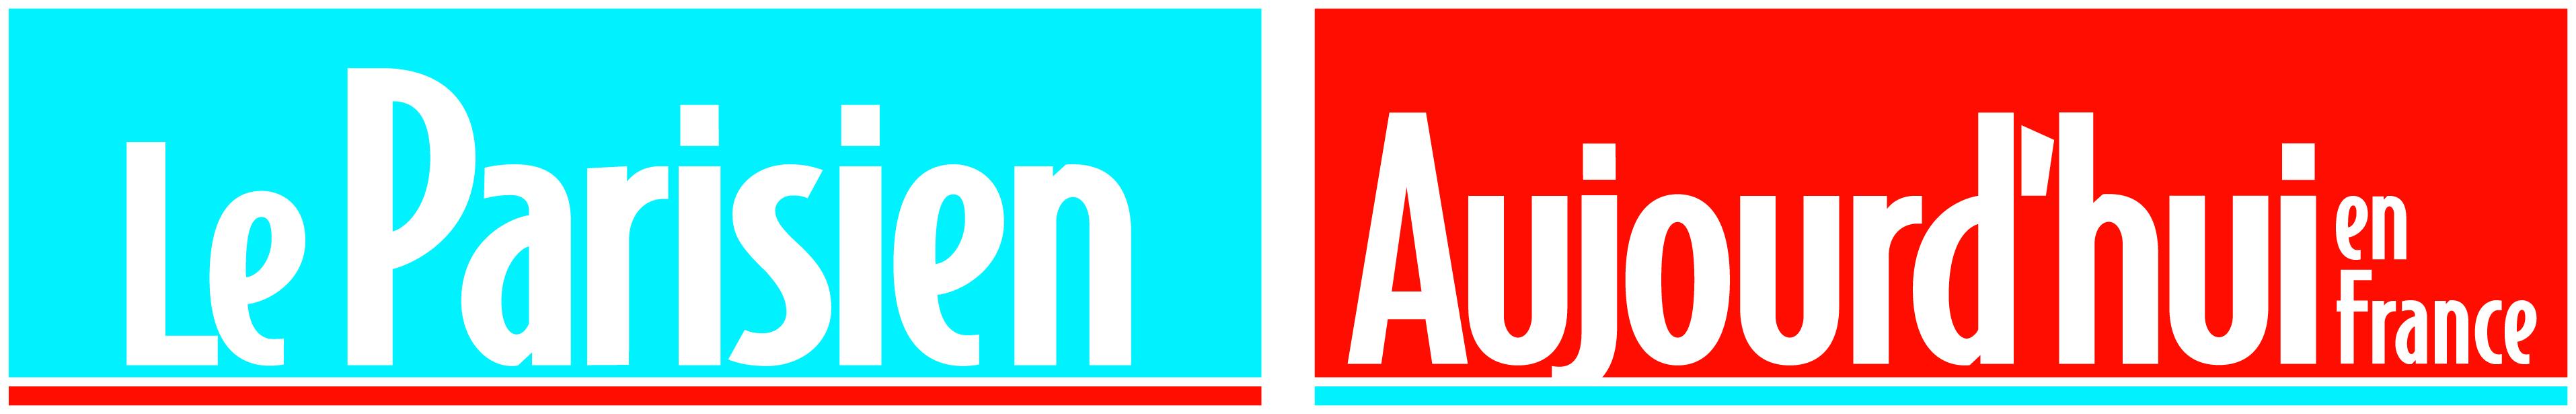 logo journal parisien